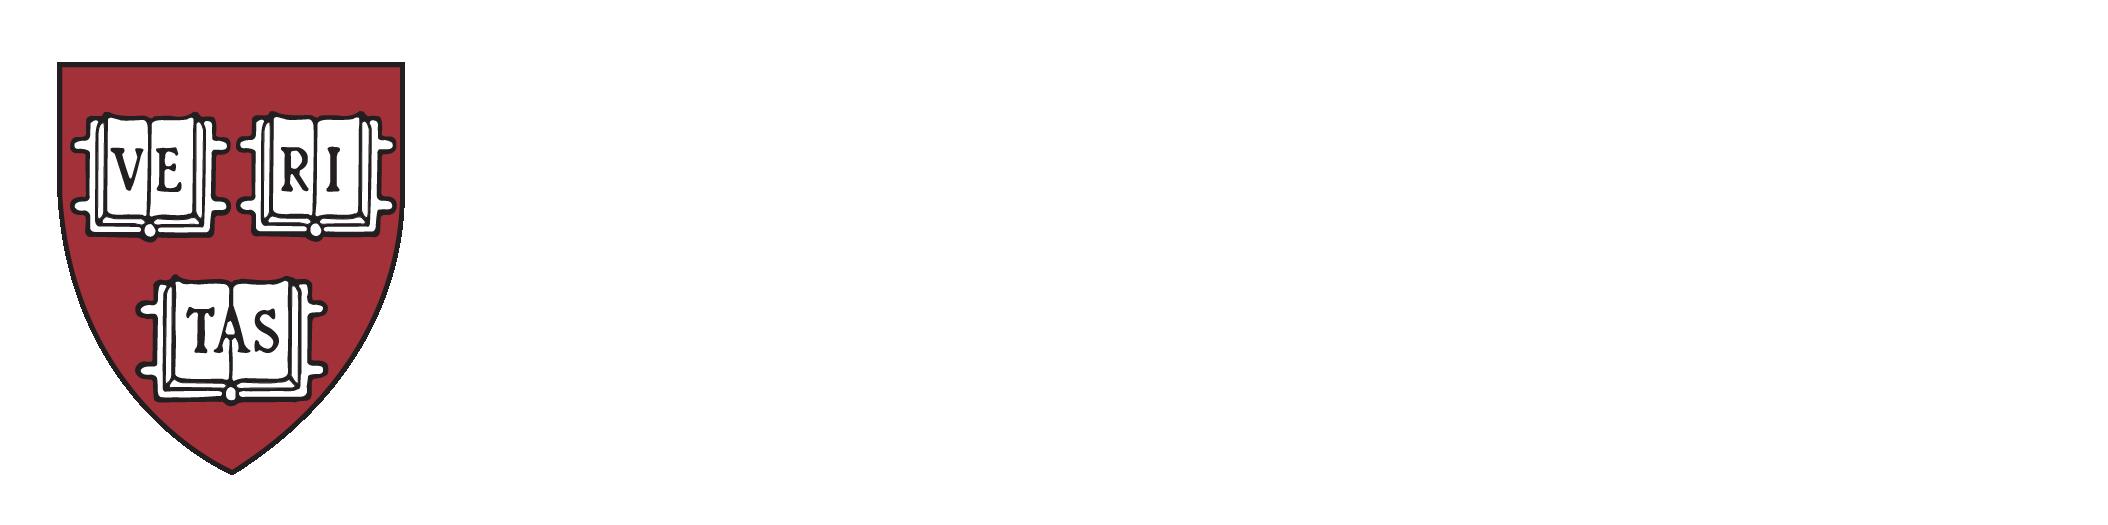 Faculty of Arts & Sciences insignia